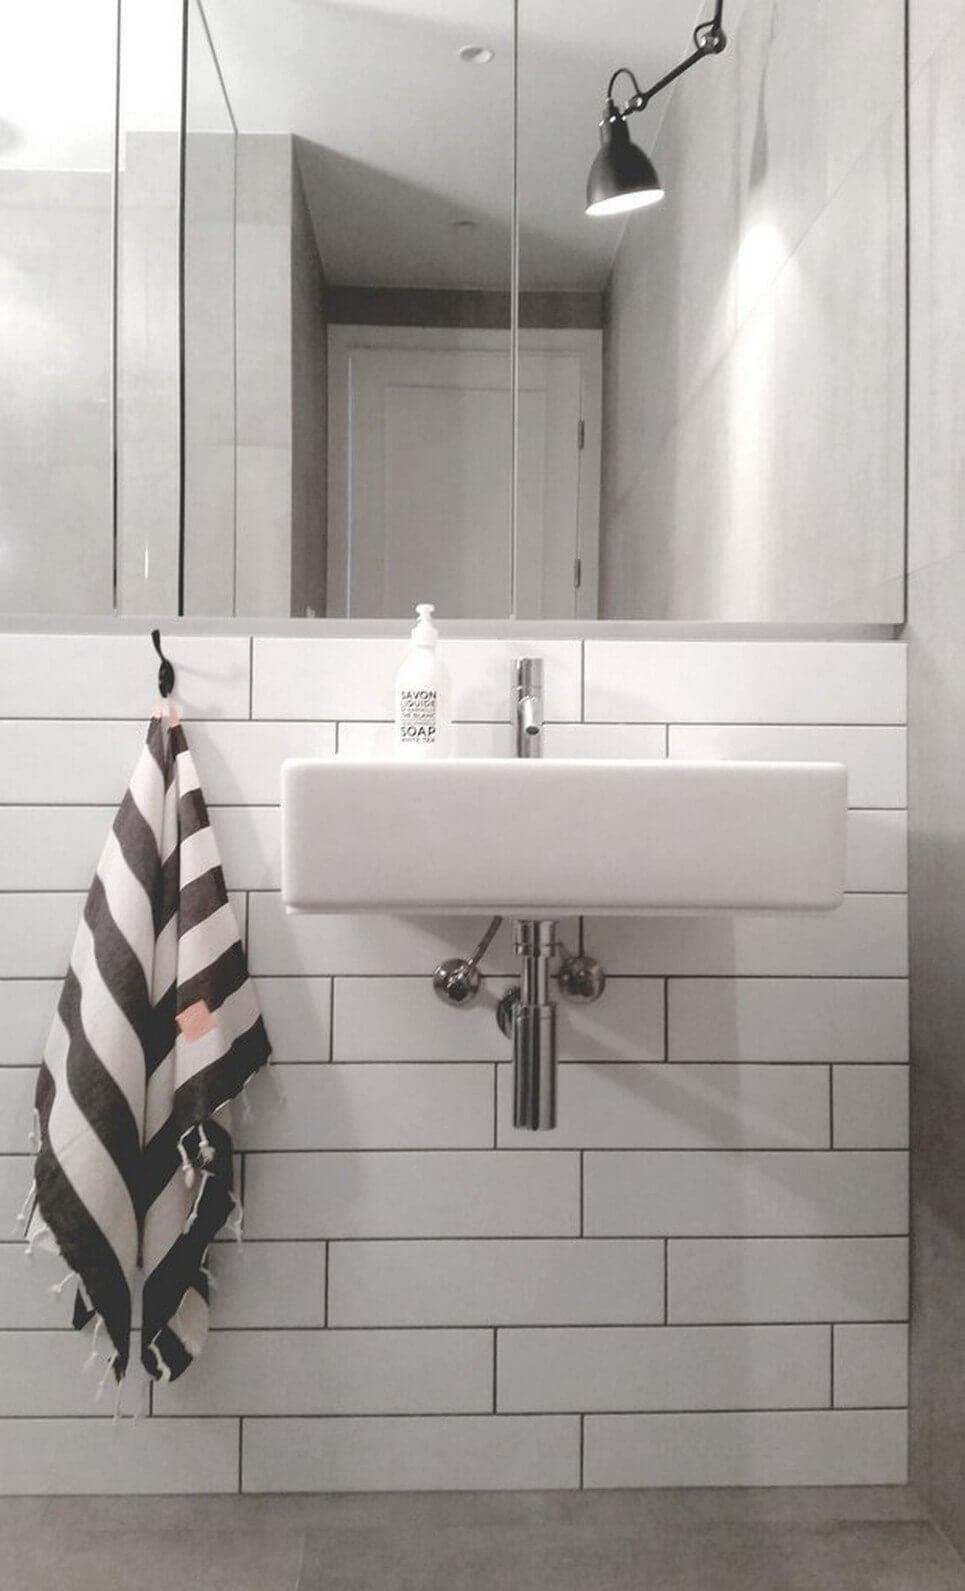 Sea Kitchen Hand Towel